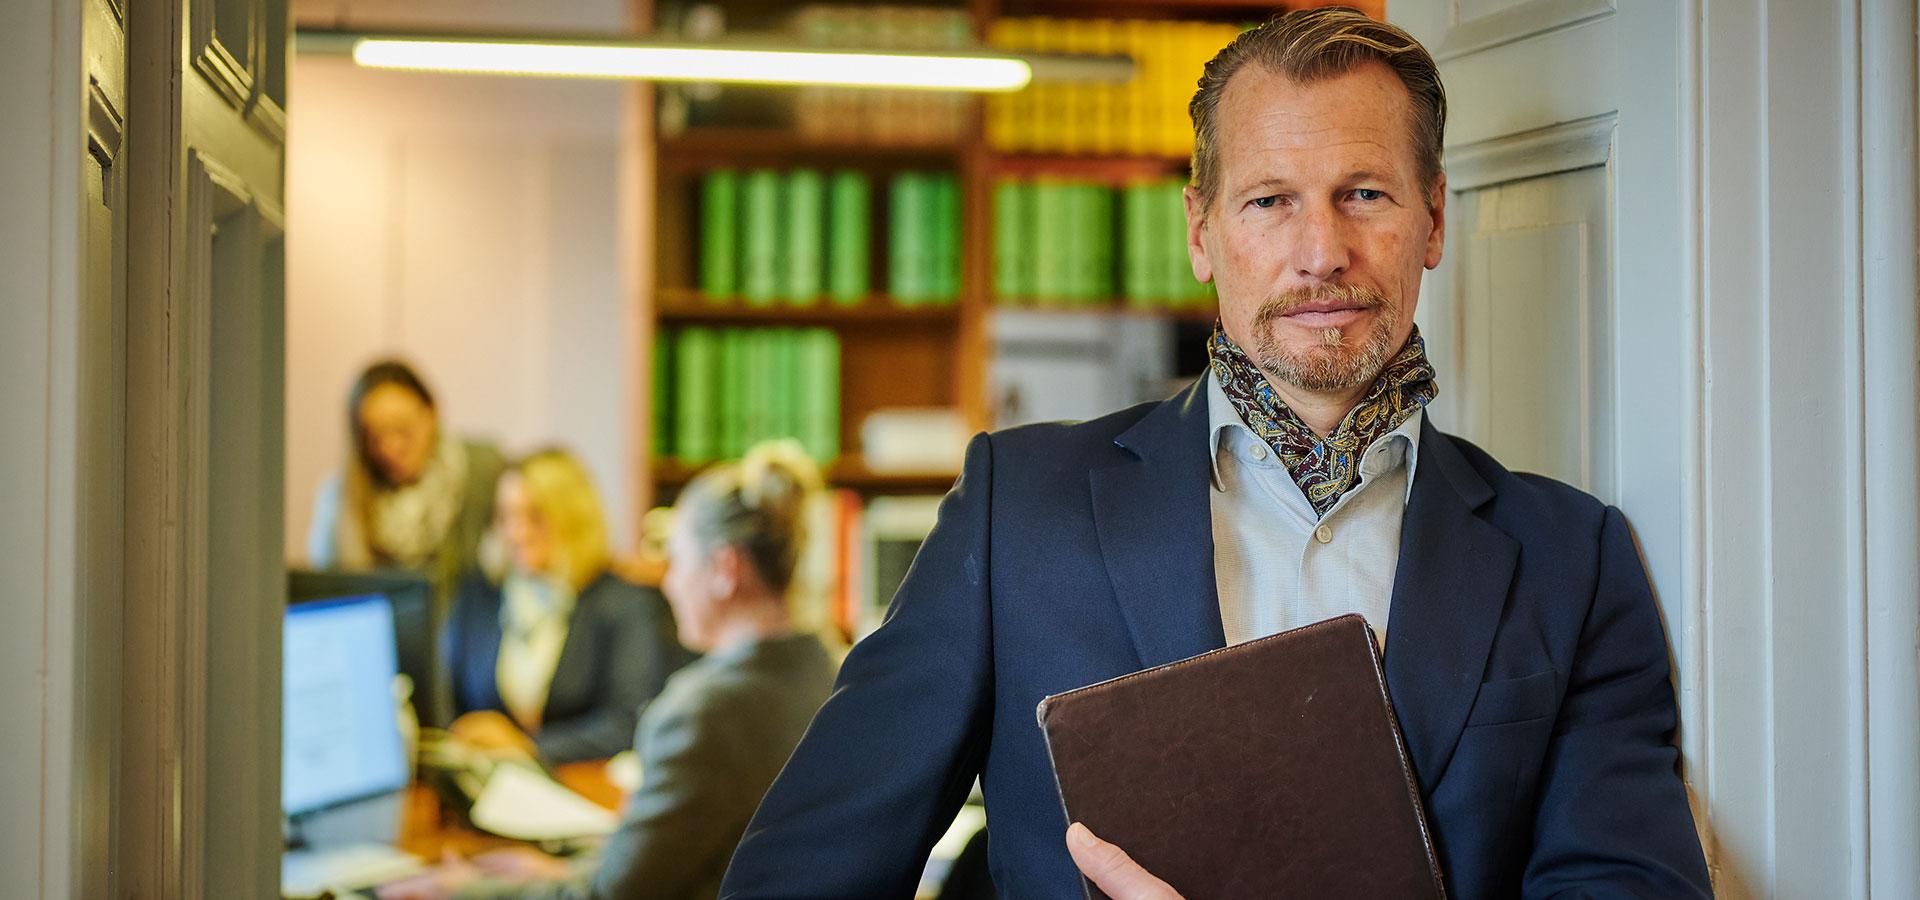 Rechtsanwalt Lippold Freiherr von Rössing, Inhaber der Kanzlei von Rössing und Partner in Eggenfelden und Maging